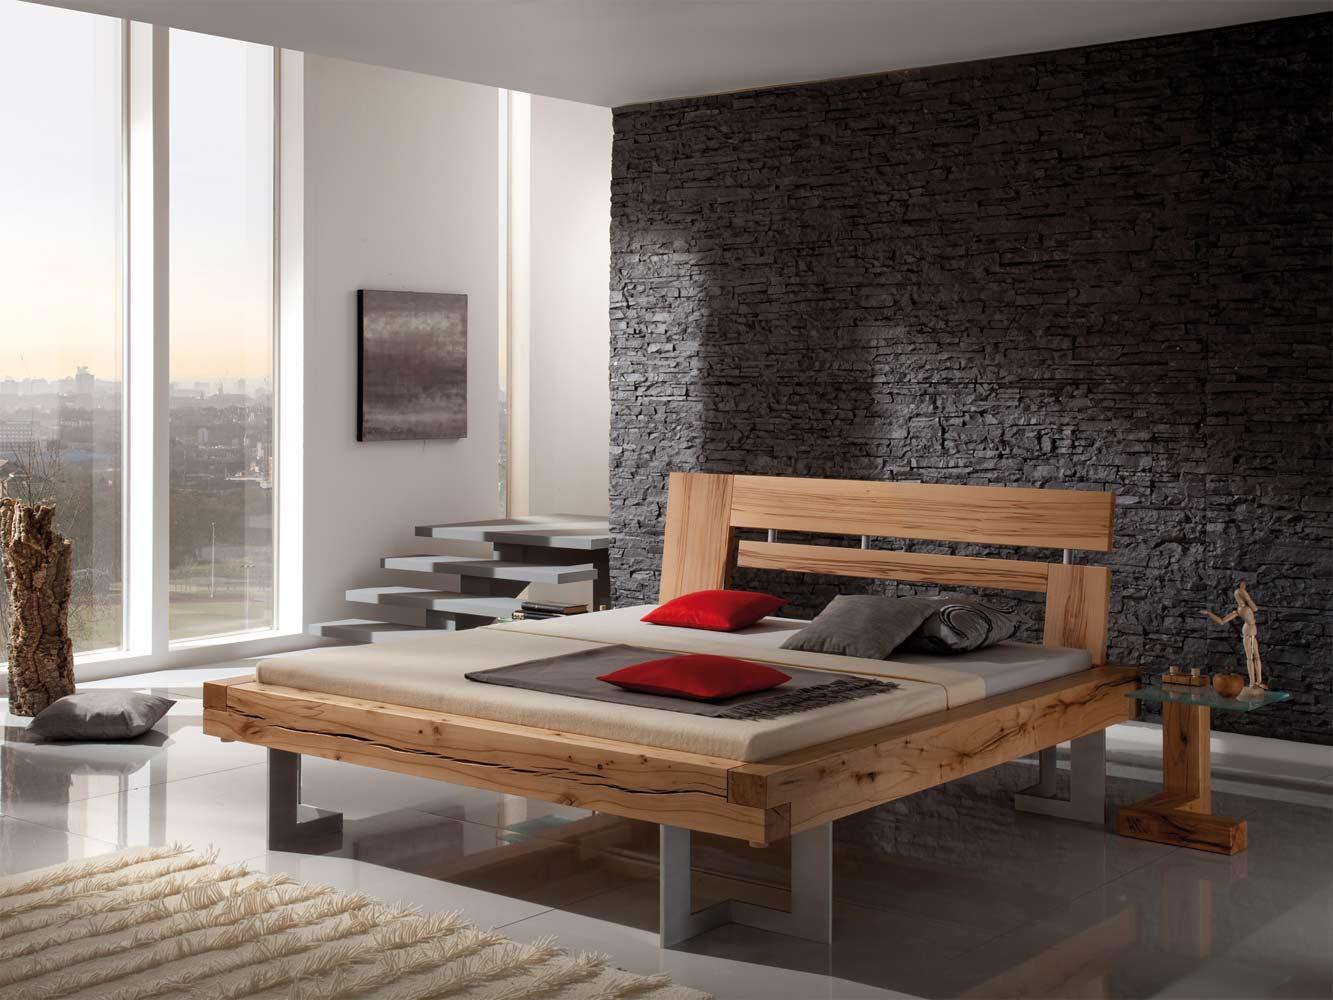 Cama de madera rústica Imus - PureNature